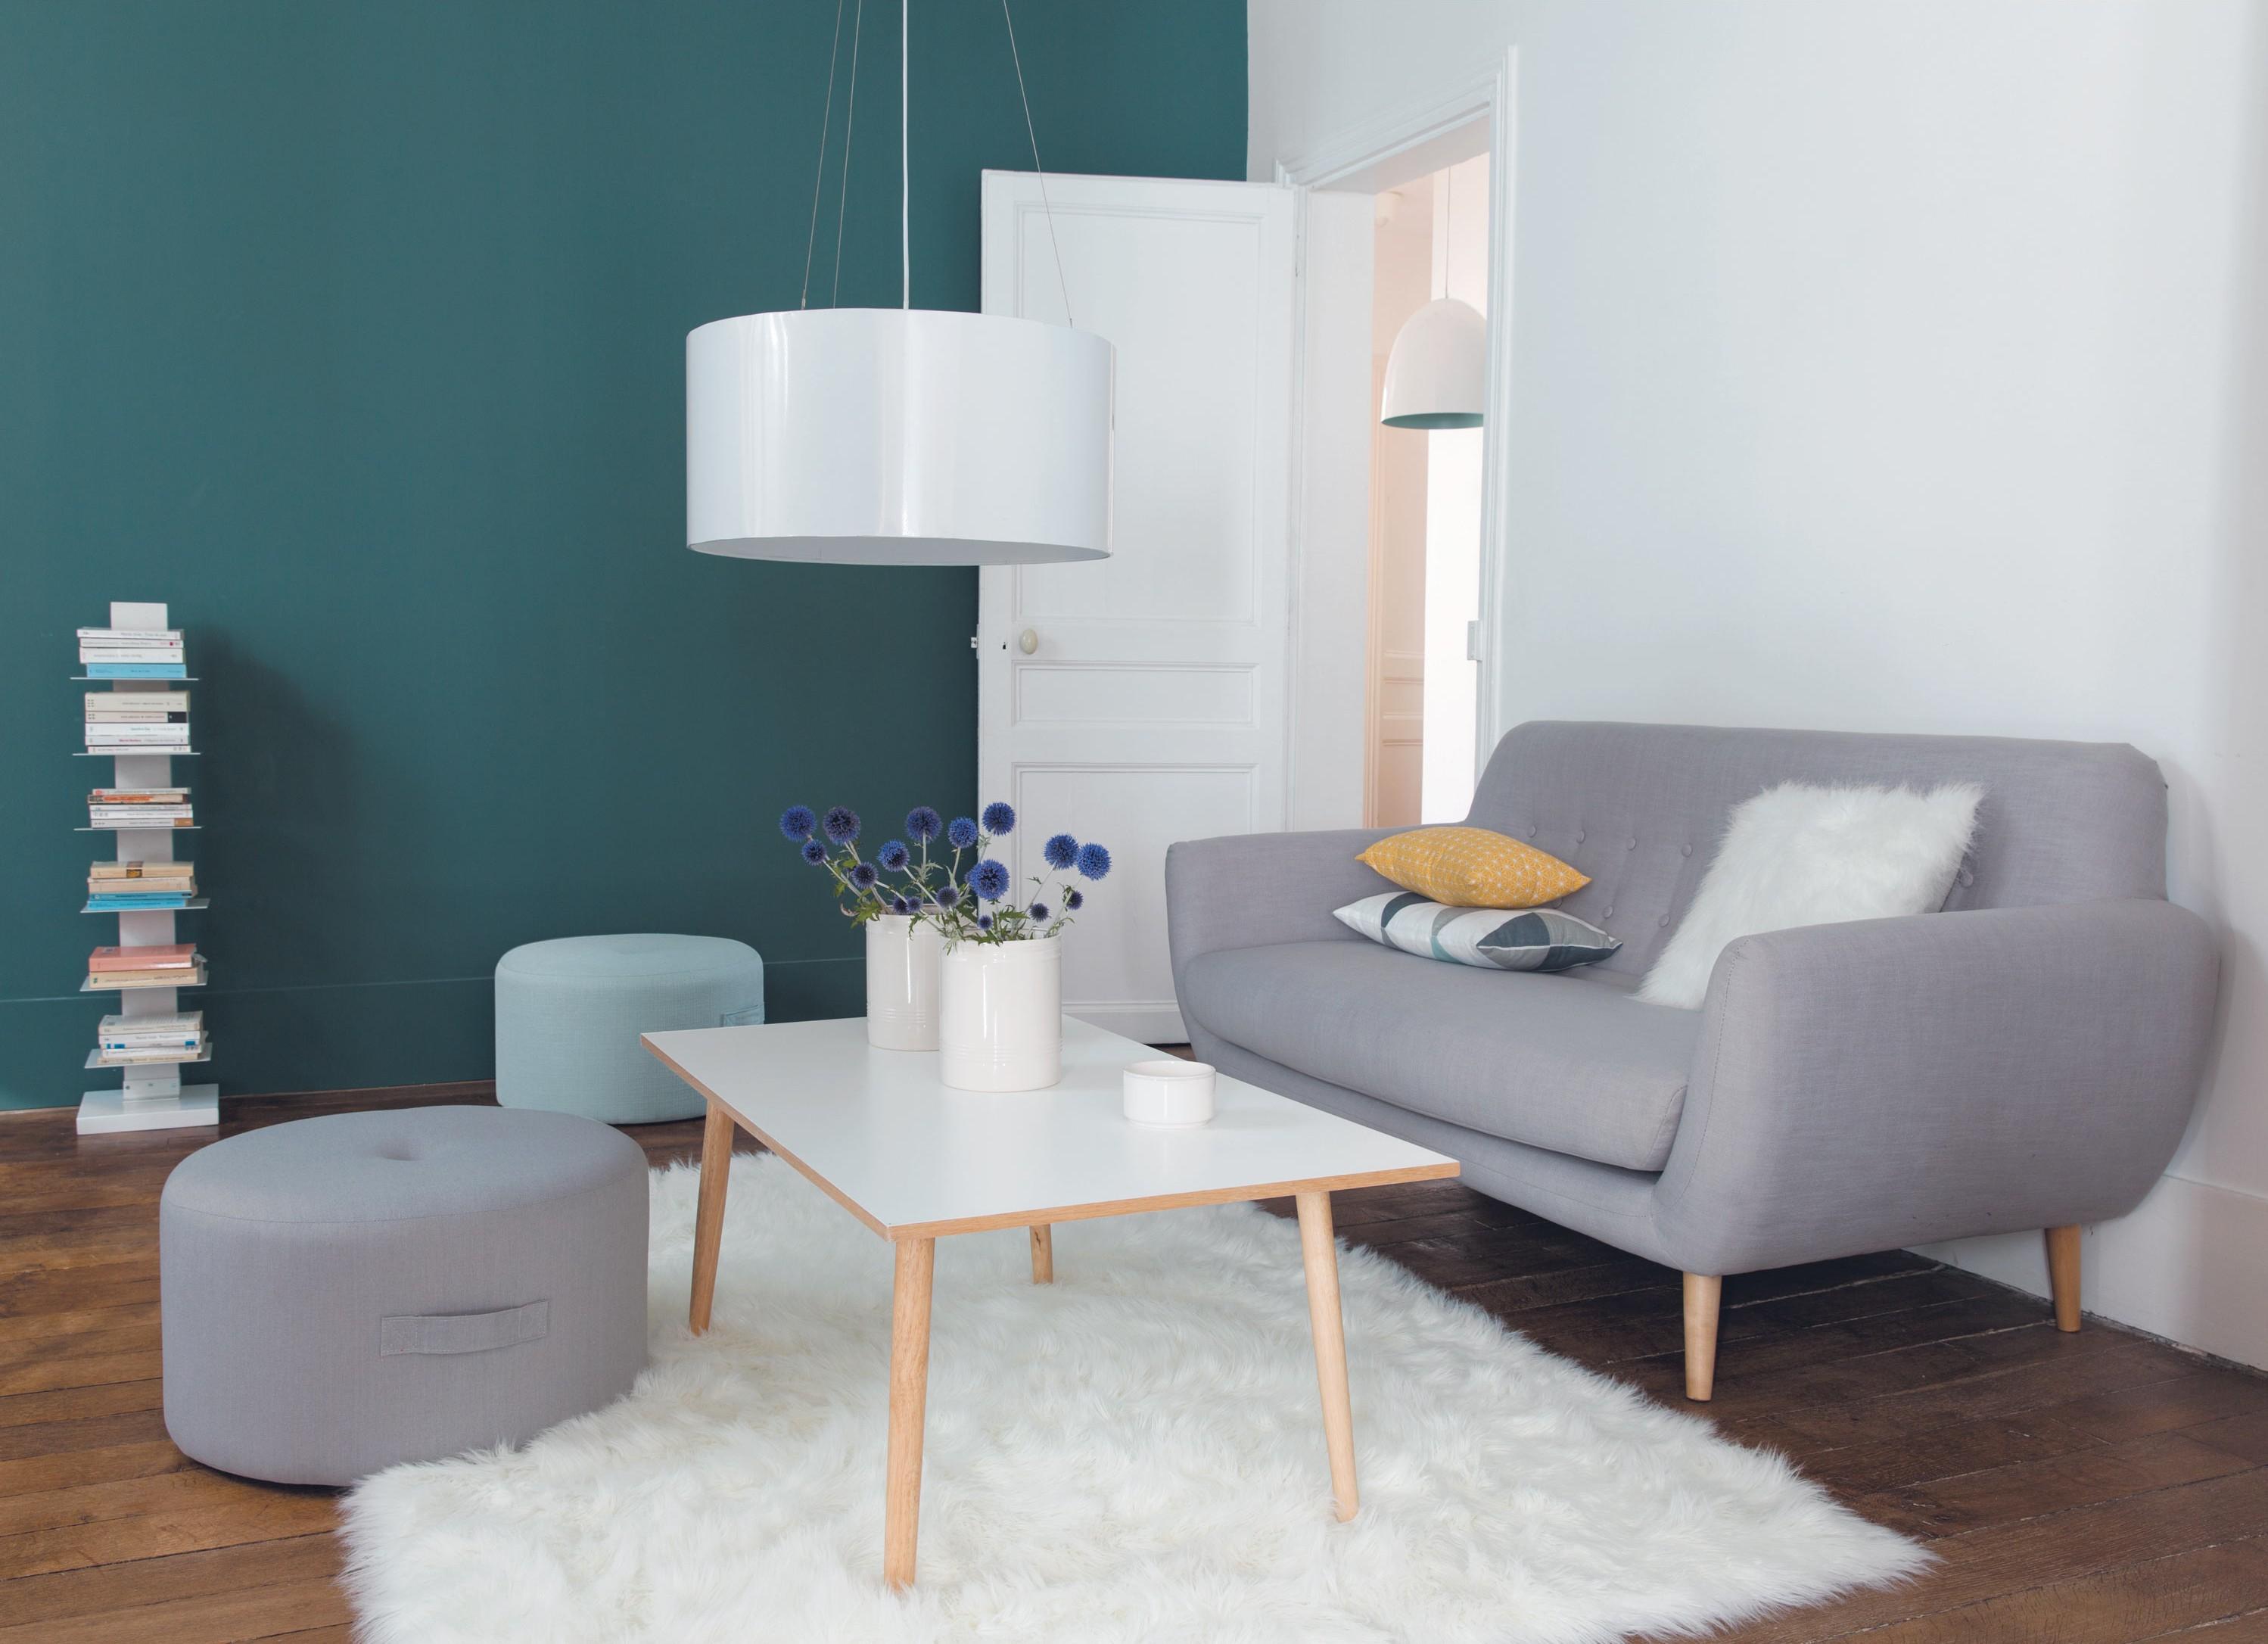 Stile nordico 10 idee per arredare casa diredonna for Arredare casa con 10000 euro